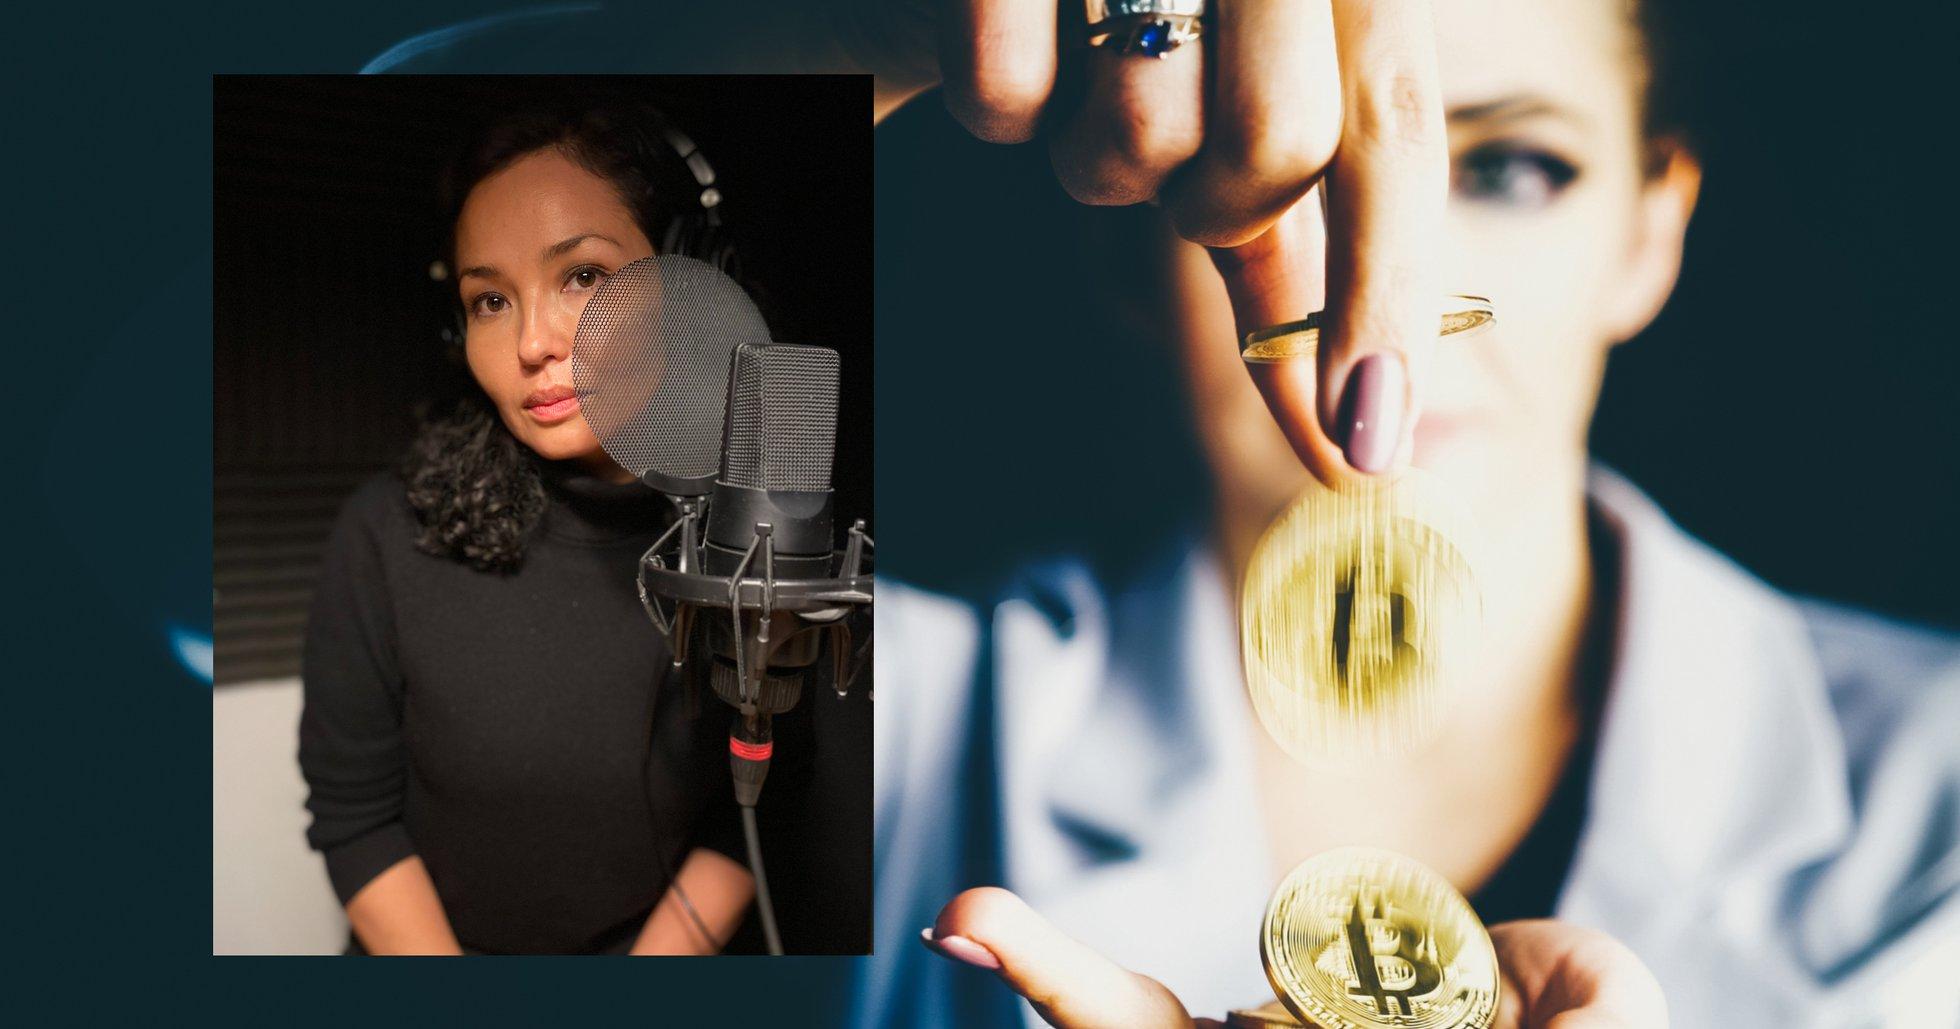 Gina Pari från Sweblocks: Därför investerar så få kvinnor i kryptovalutor.